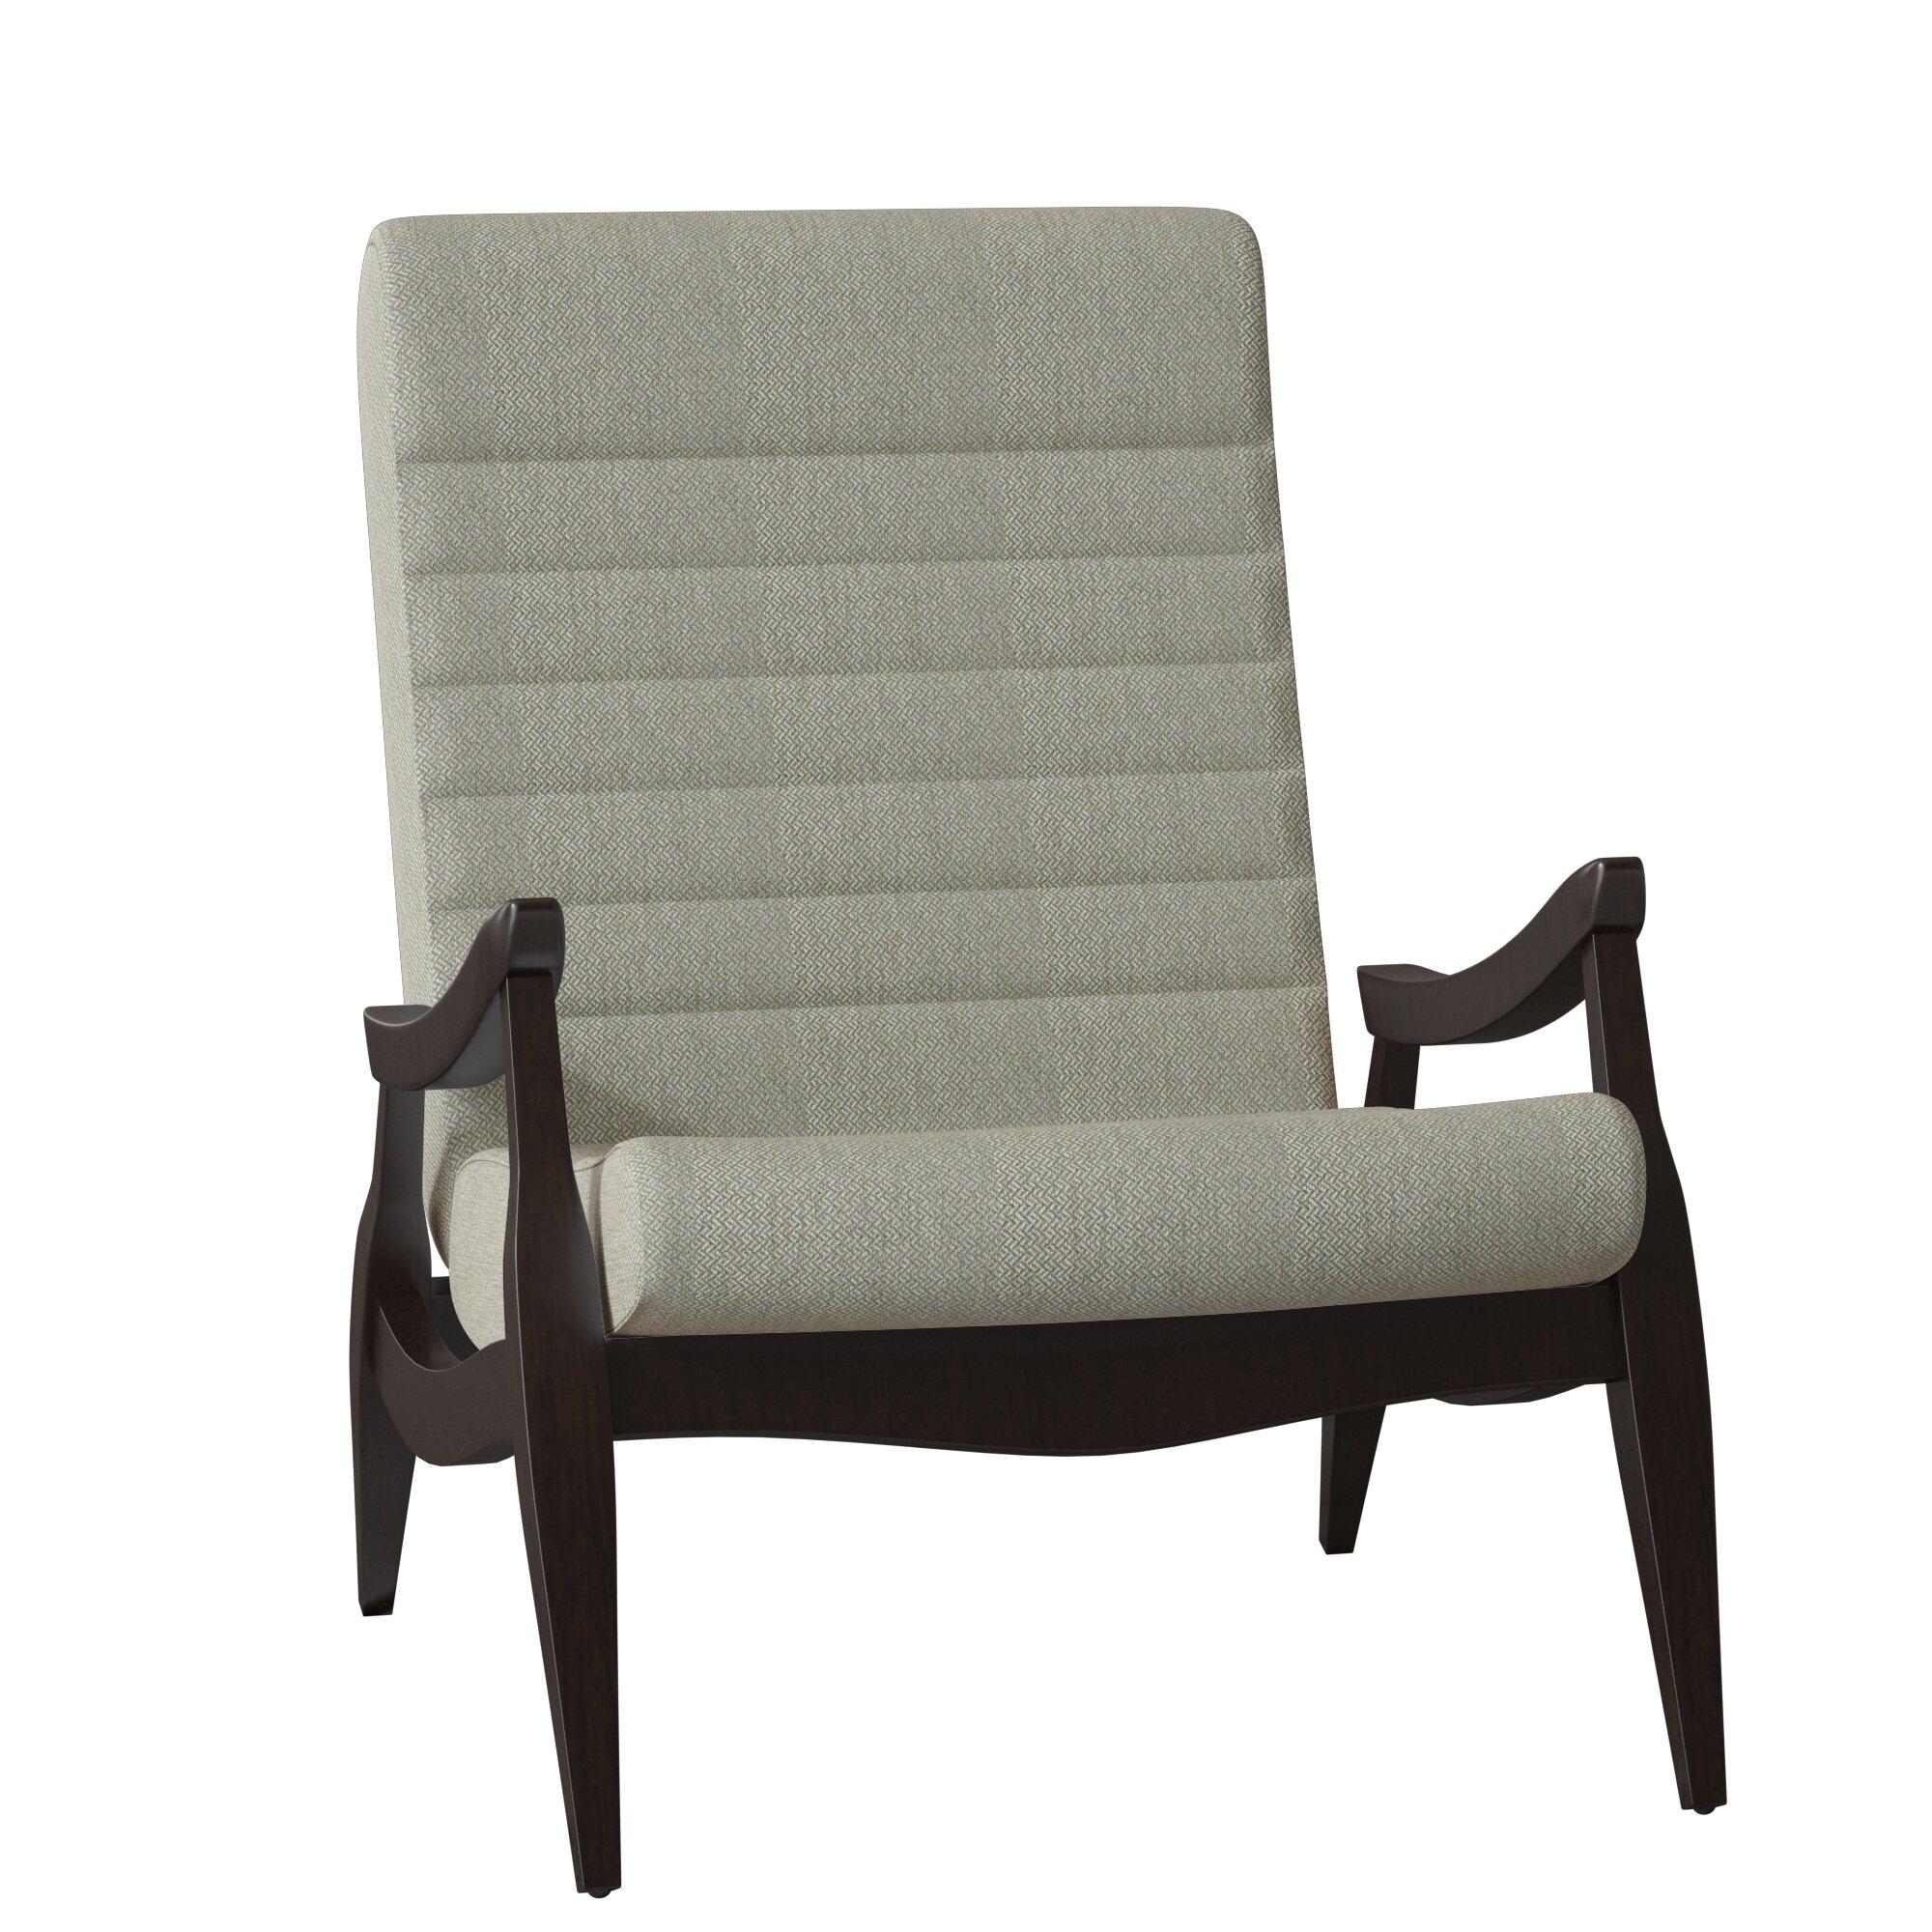 Chair Dwellstudio Hans Accent Chair